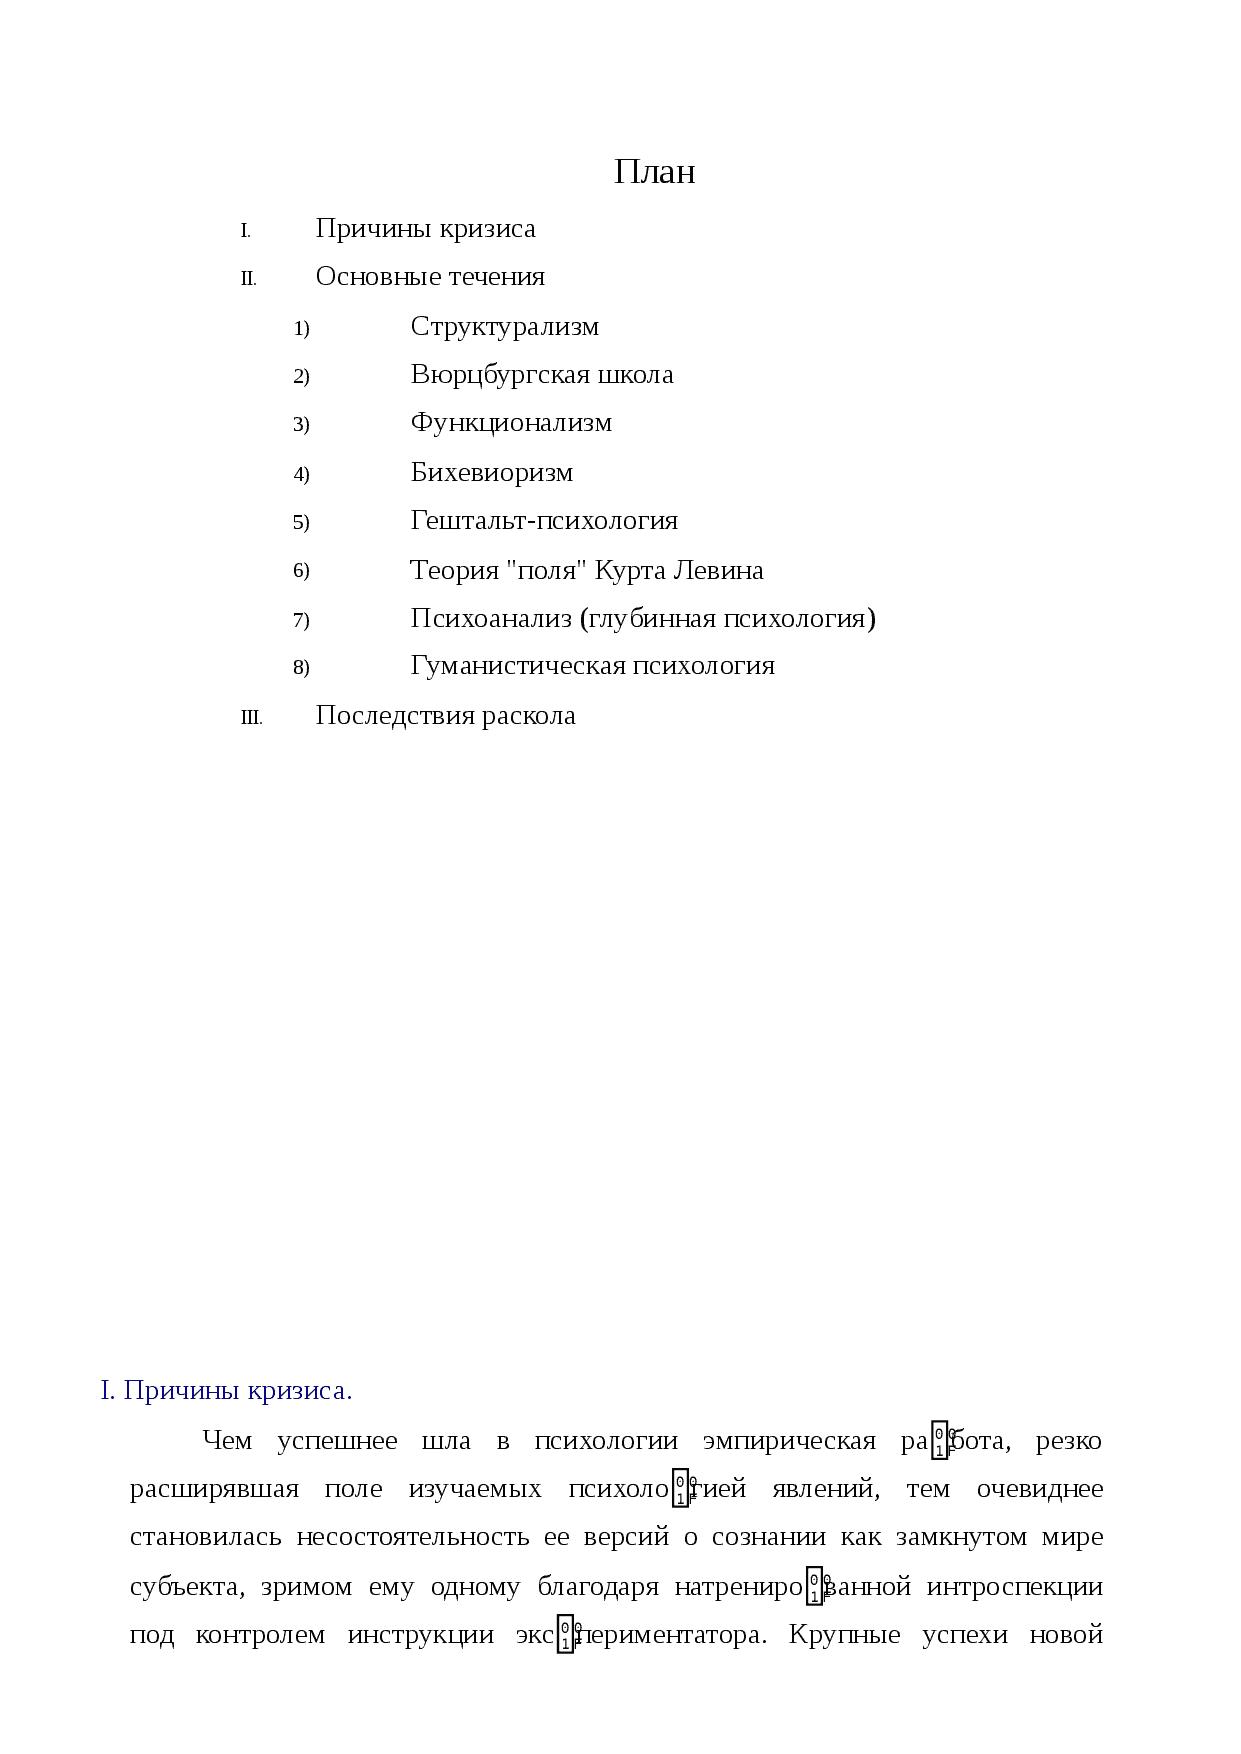 Теория поля курта левина — простыми словами